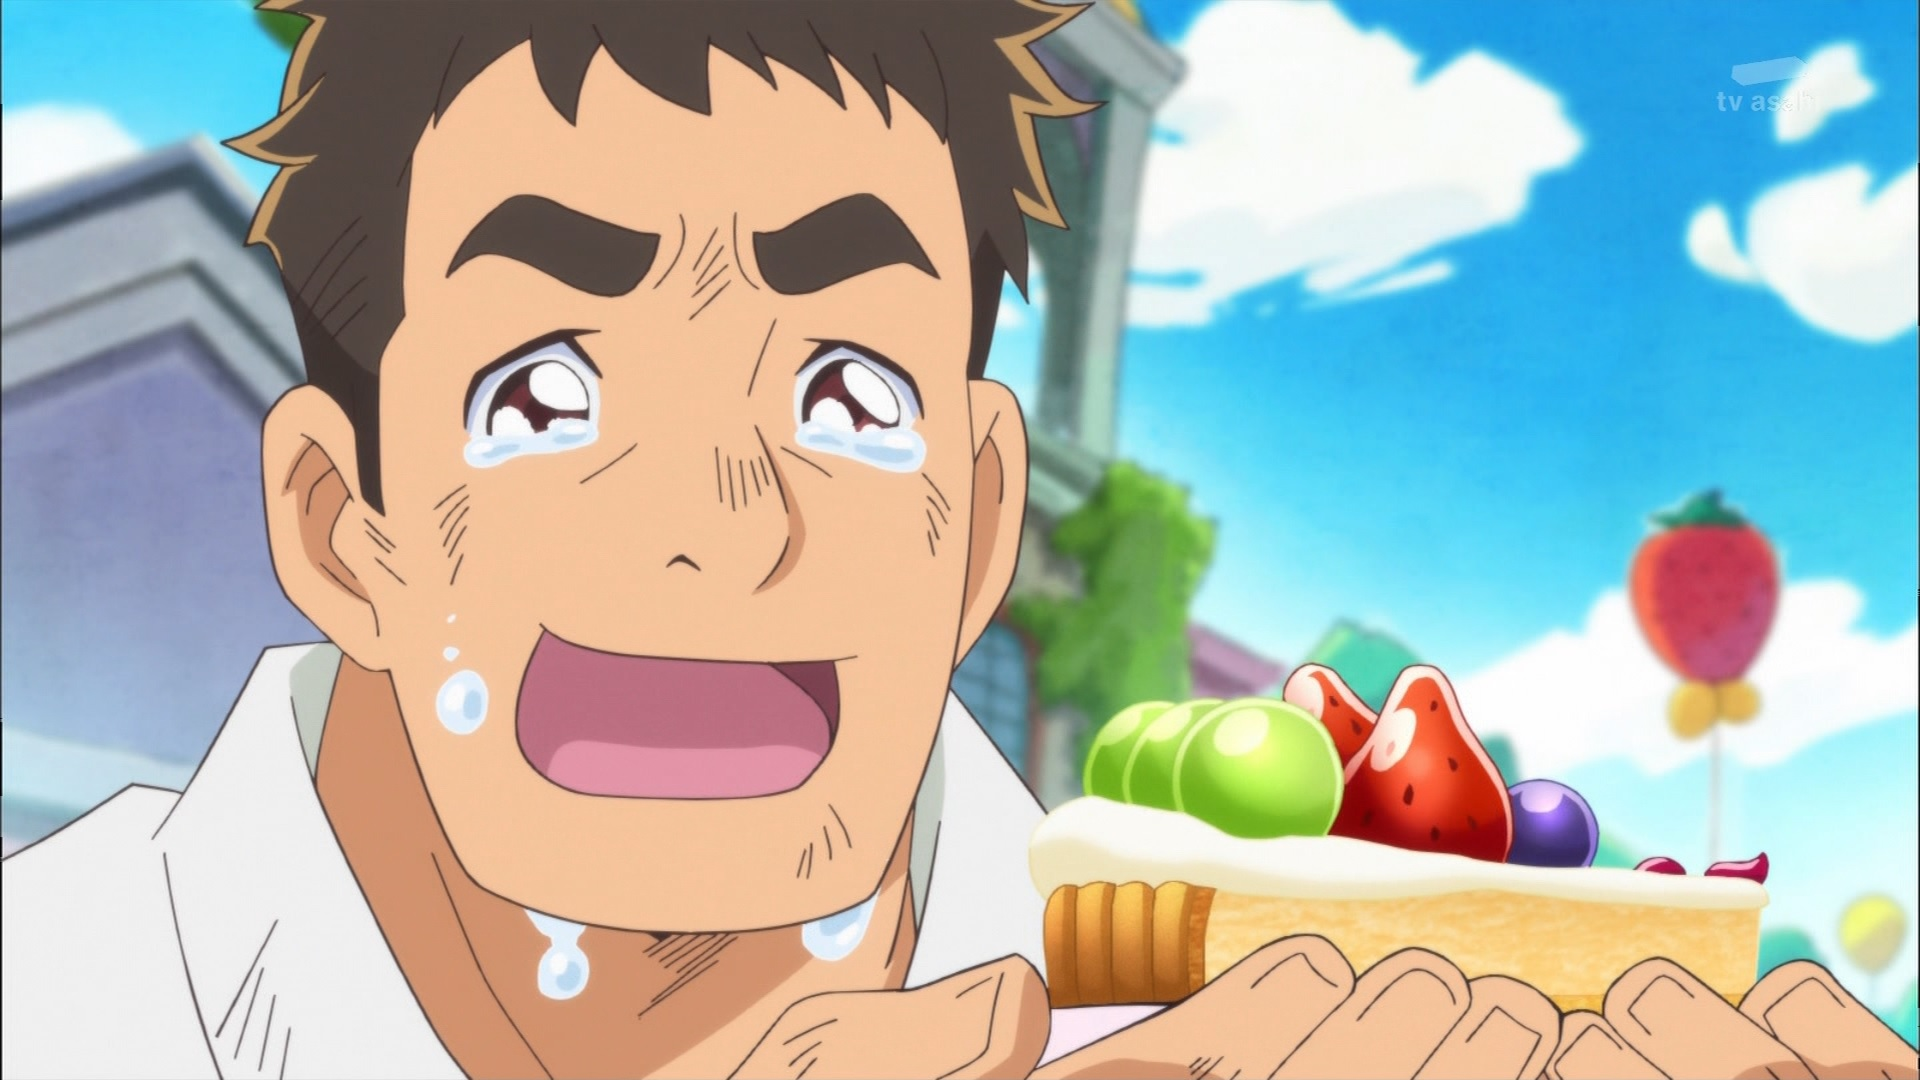 泣くいちかパパ(キラキラプリキュアアラモード11話画像)